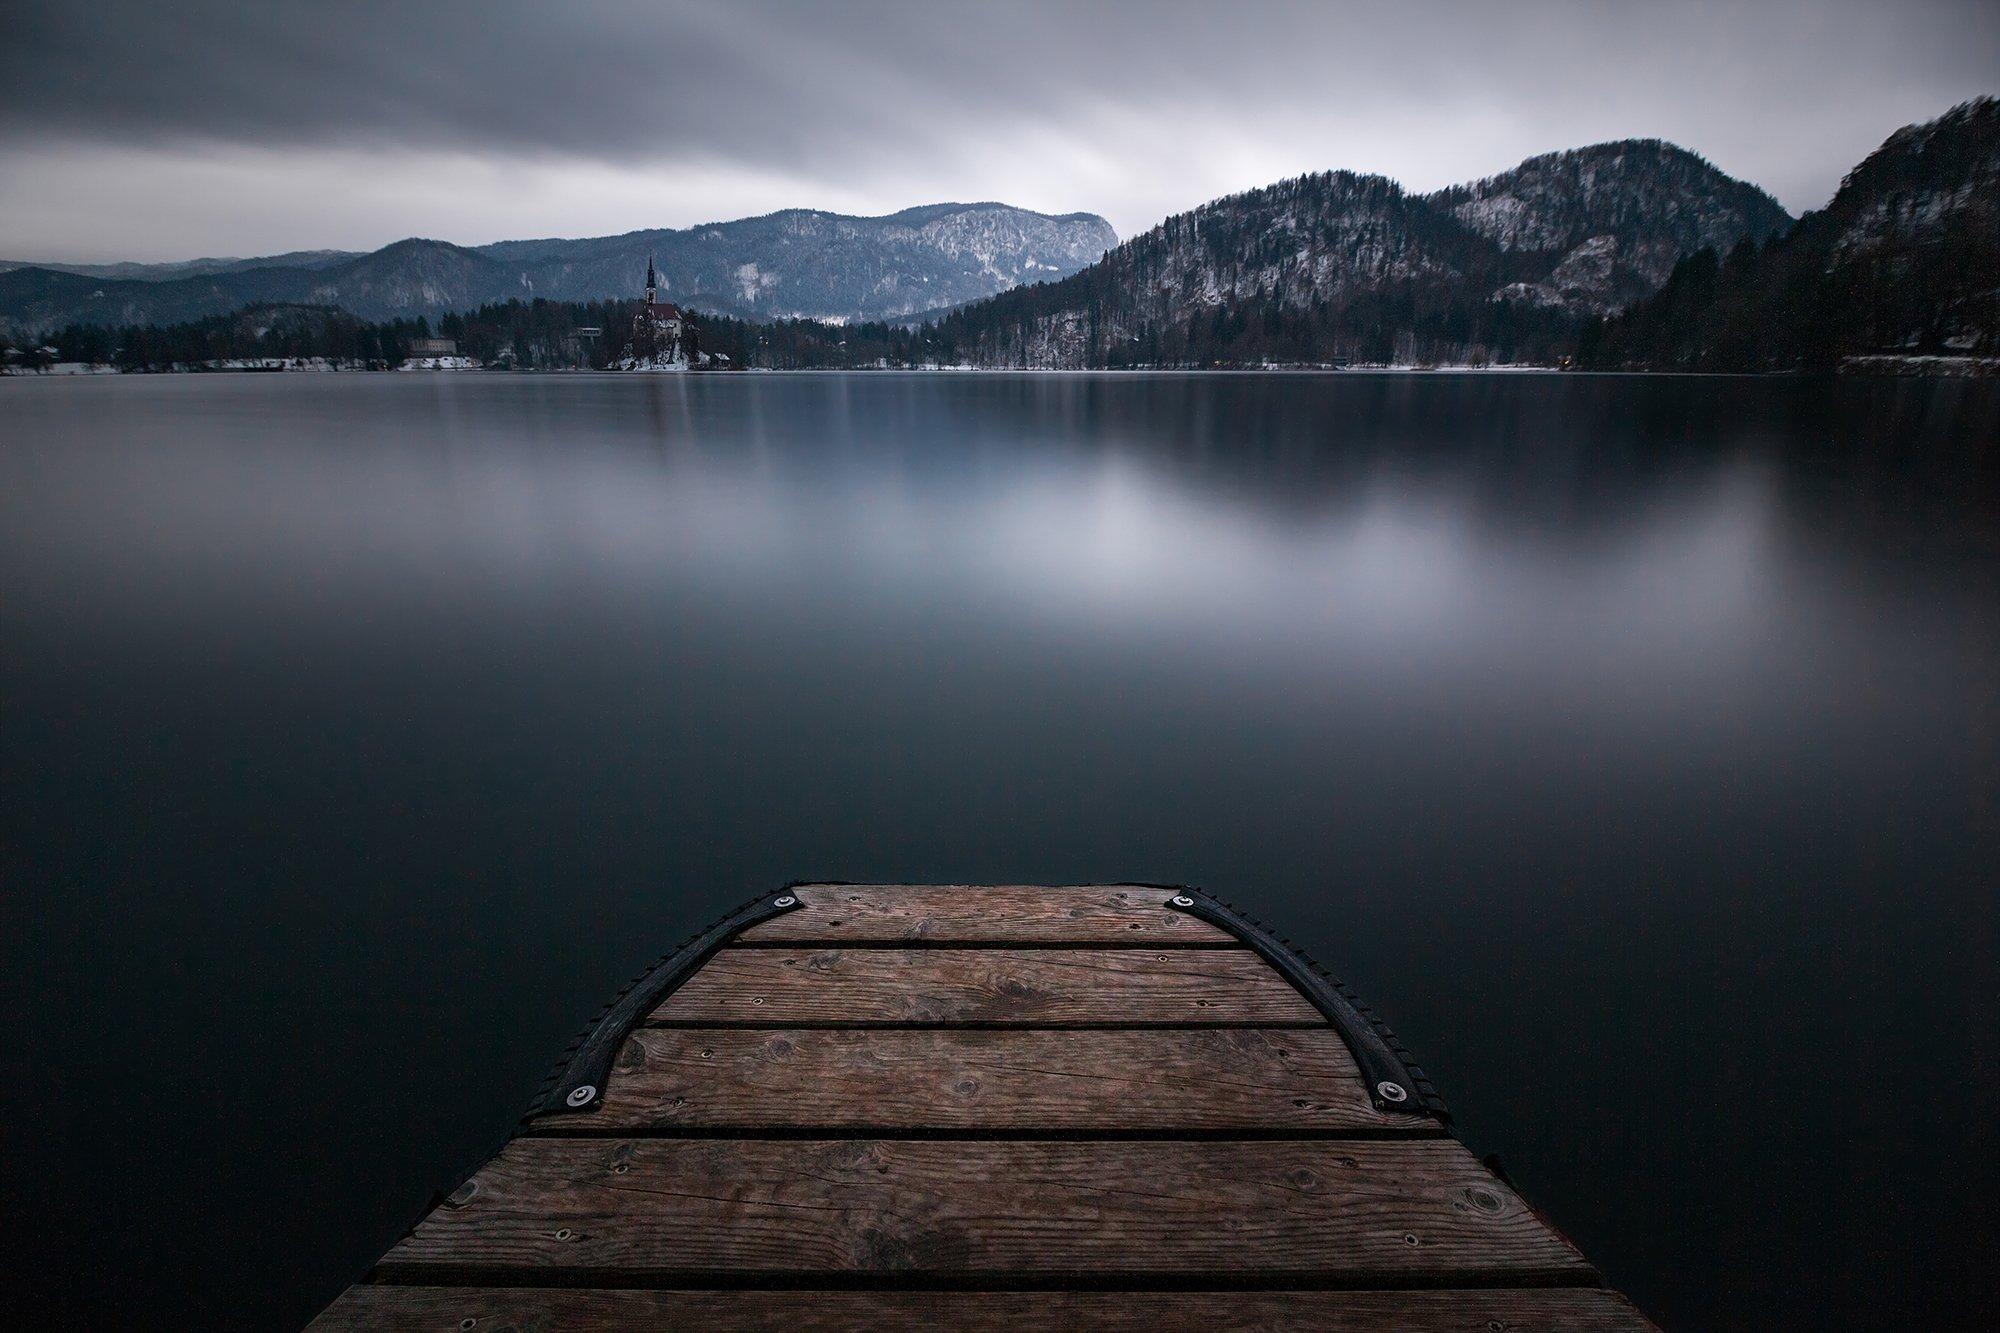 вода, озеро, словения, блед, вечер, пирс, причал, длинная выдержка, Сергей Серушкин